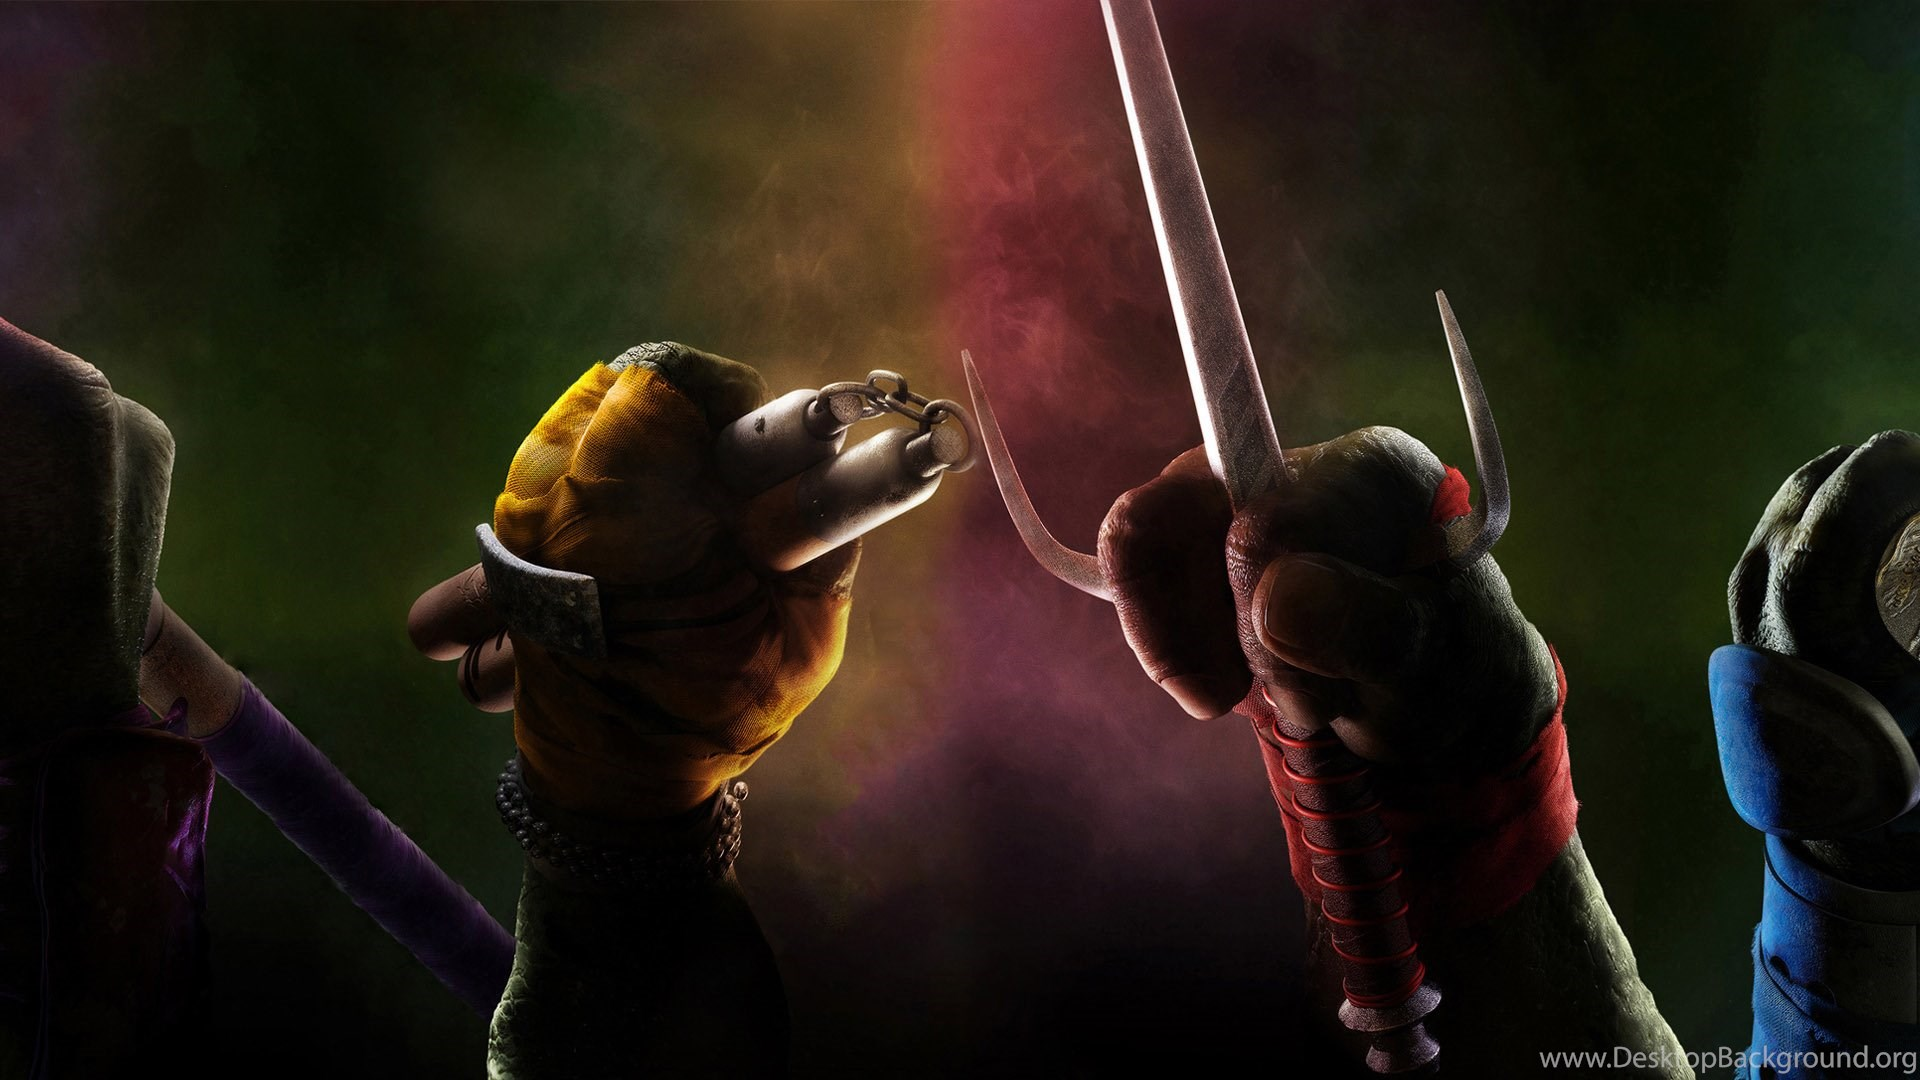 Teenage Mutant Ninja Turtles Hd Wallpapers Desktop Background